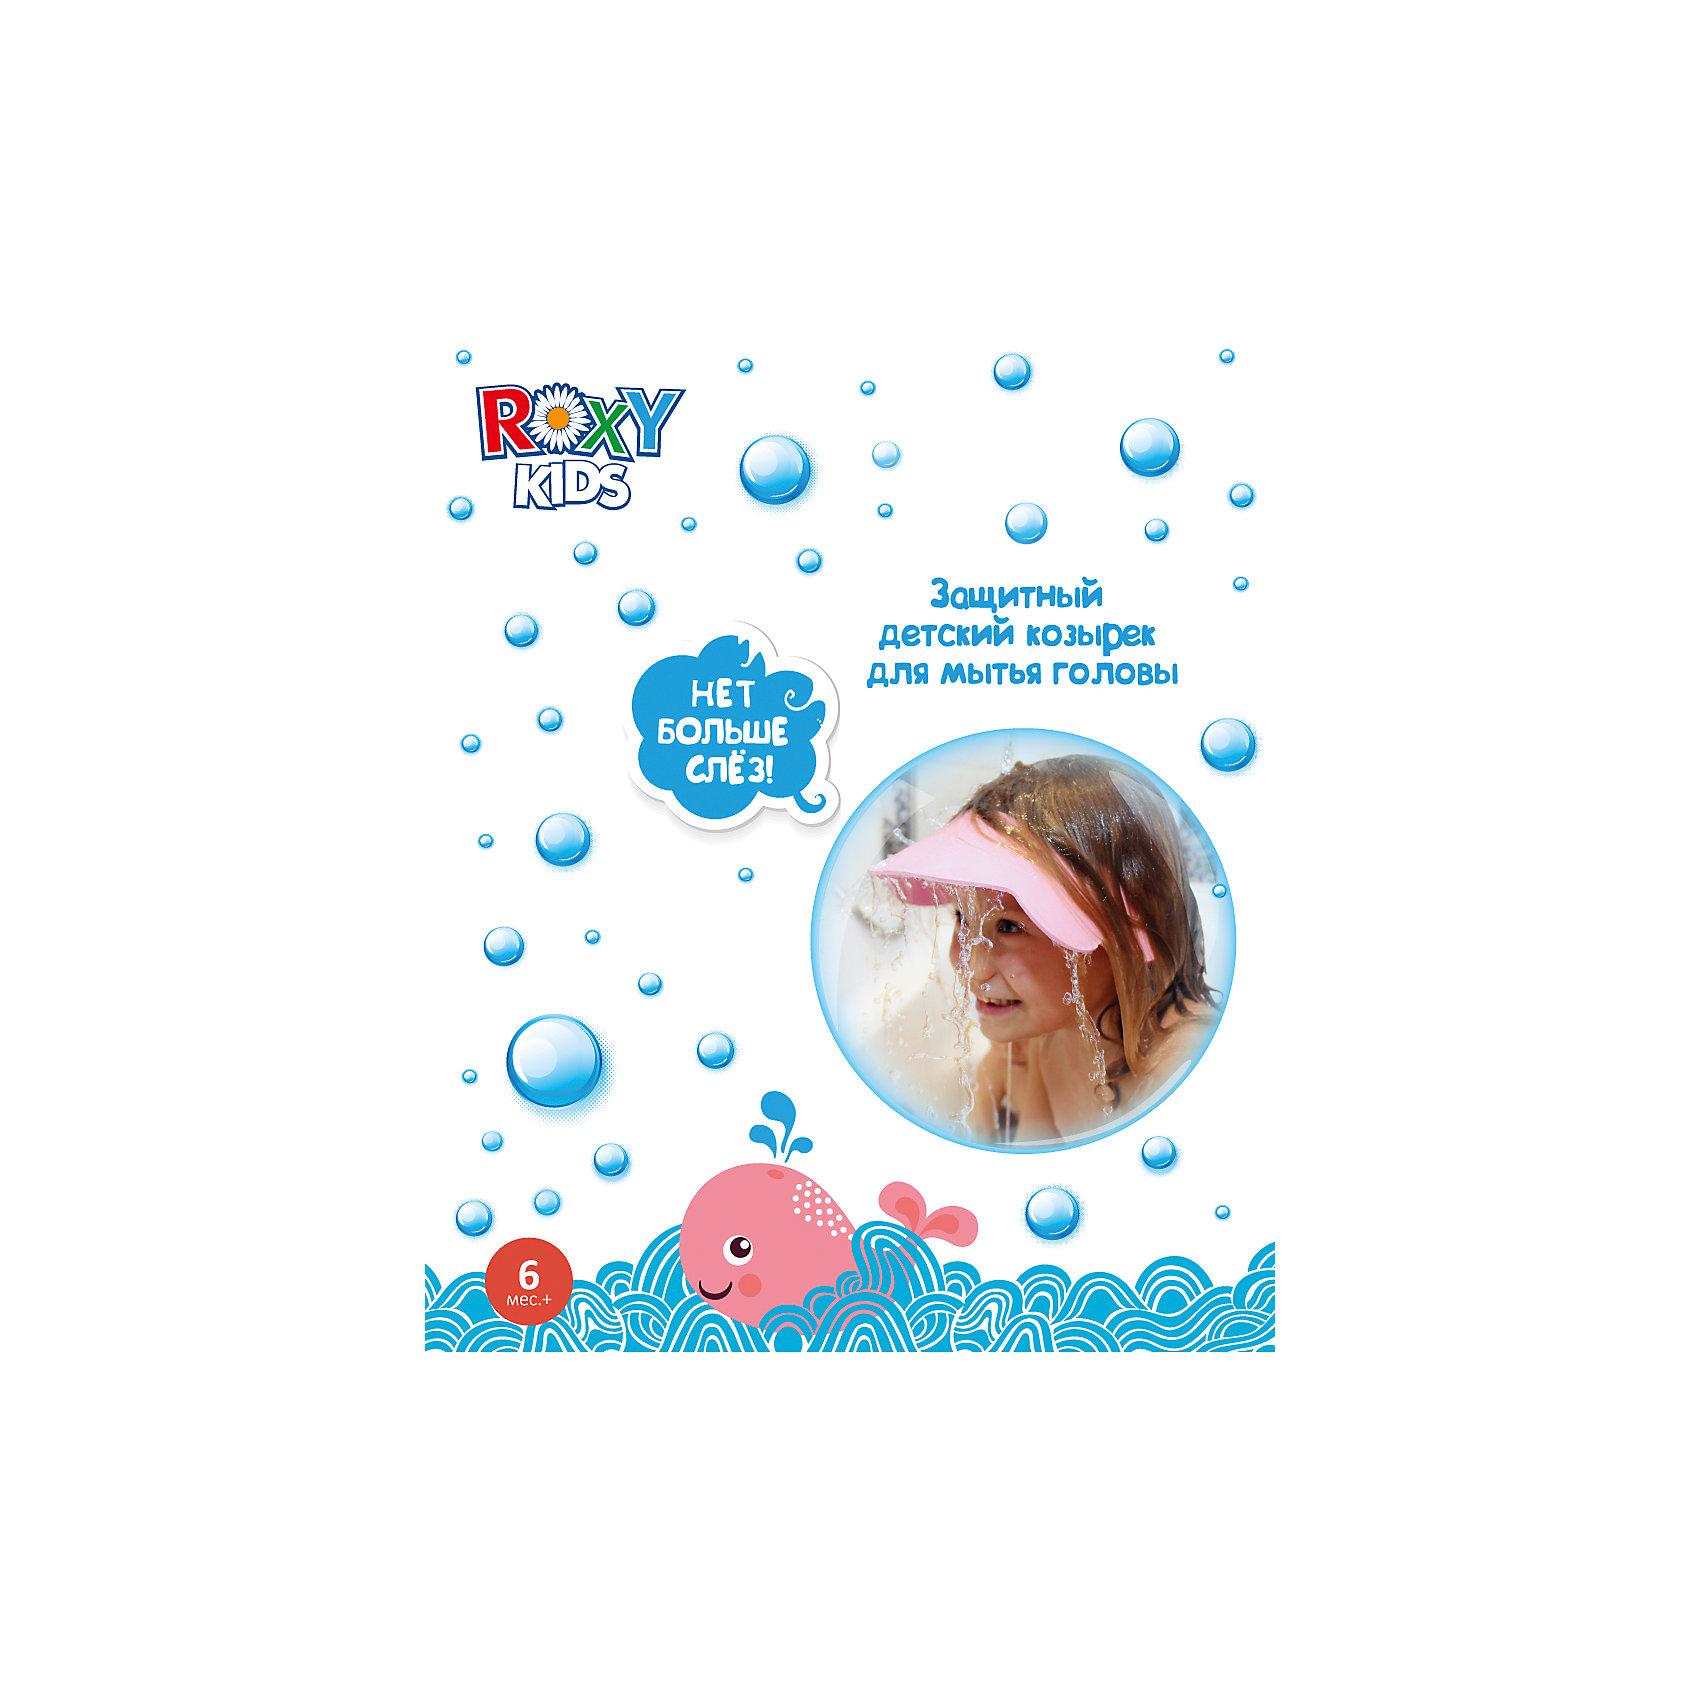 Защитный козырек для мытья головы, Roxy-Kids, зеленый